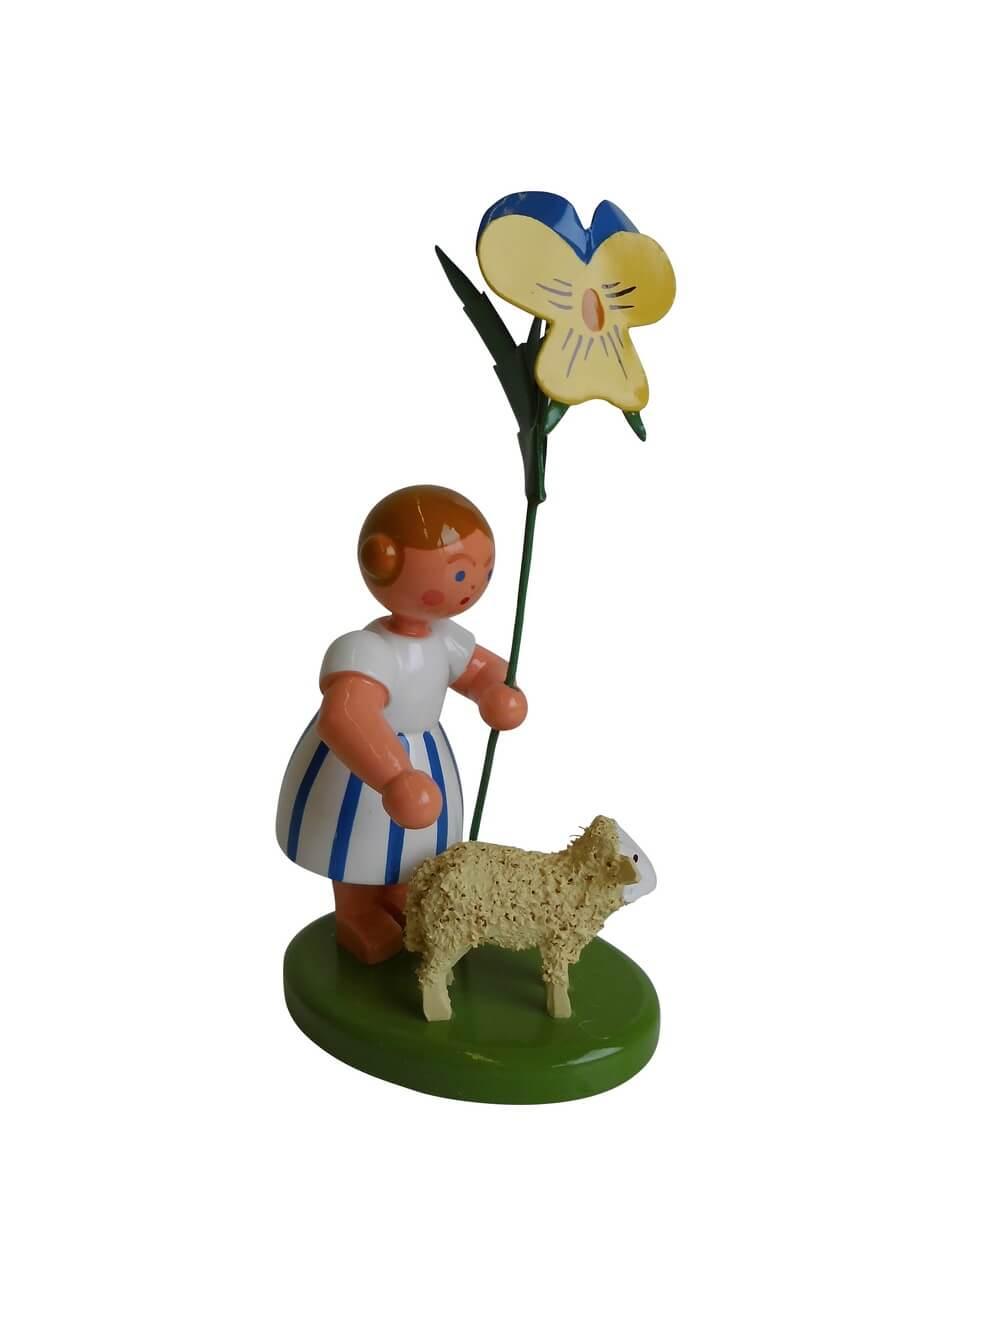 Blumenkinder - Blumenkind Mädchen mit Reifentier (Schaf stehend) und Stiefmütterchen, 10 cm von WEHA-Kunst Dippoldiswalde/ Erzgebirge